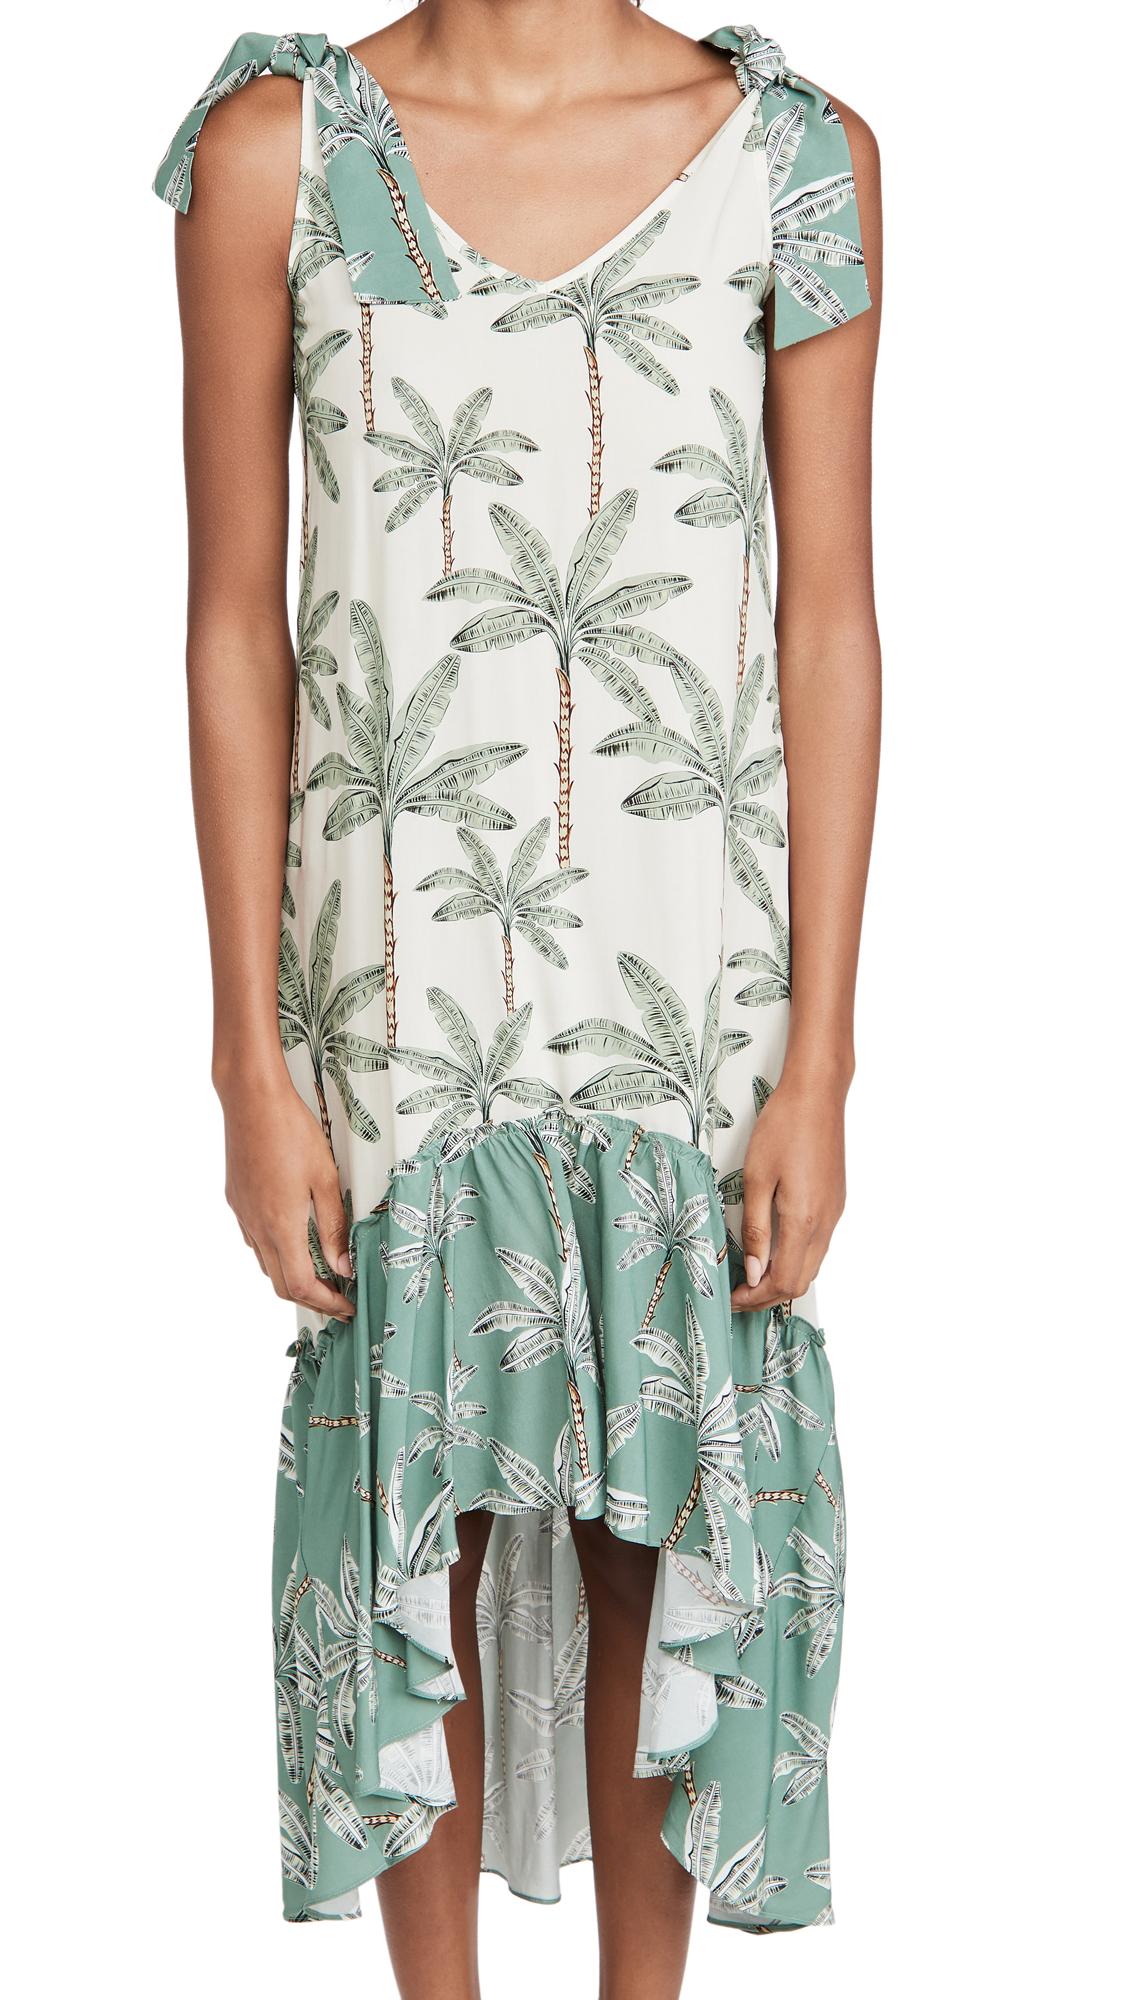 Palmacea Cover Up Mixed Maxi Dress